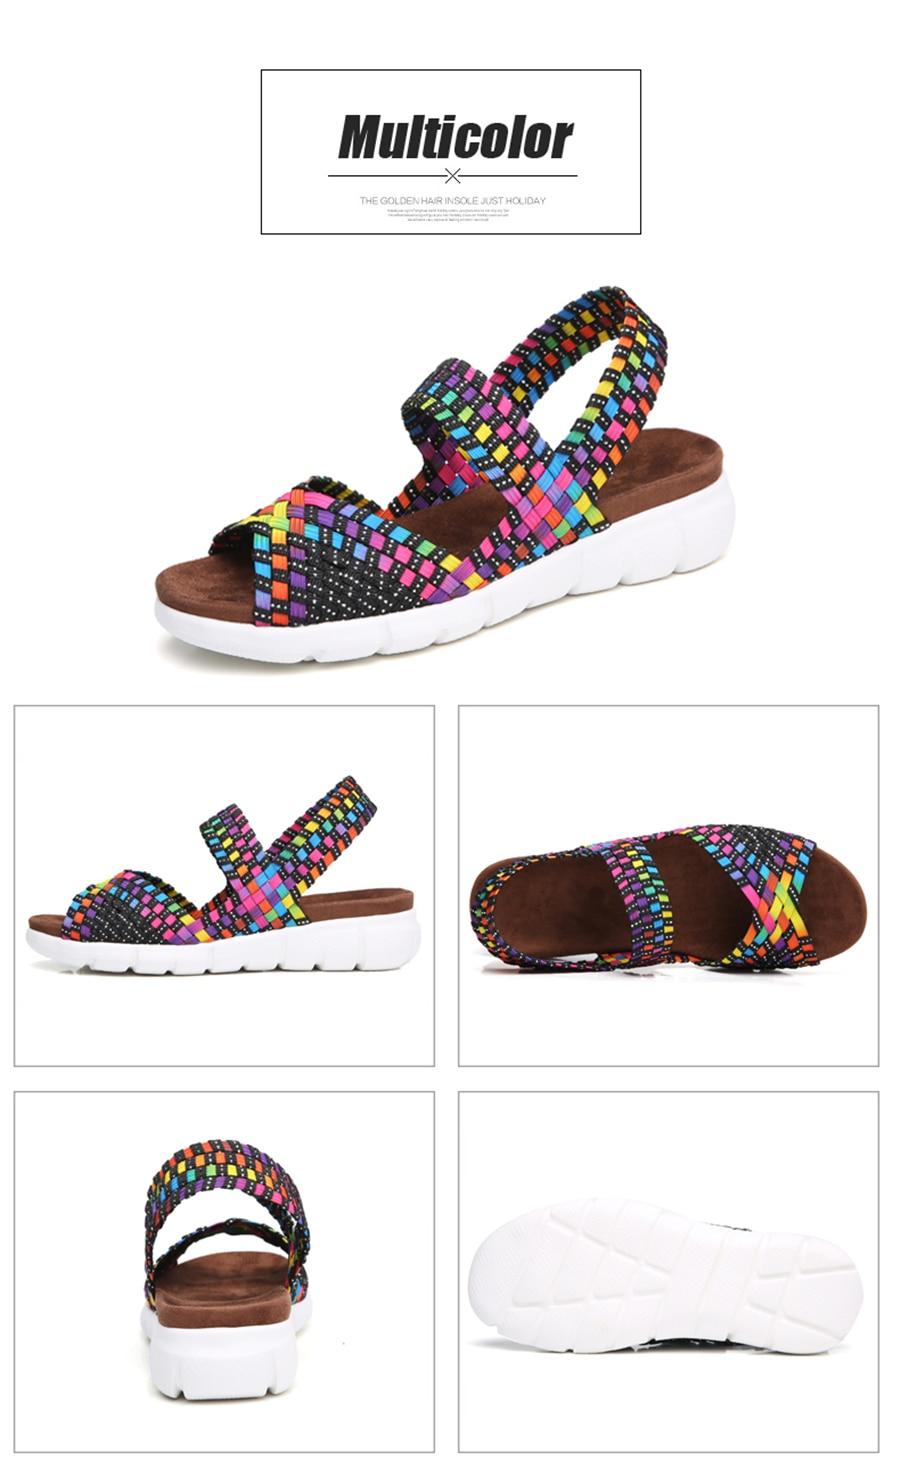 HTB1uM1EXnQspeRjt a0q6zPbFXay STQ 2019 women flat sandals shoes women woven wedge sandals ladies beach summer slingback sandals flipflops jelly shoes 803